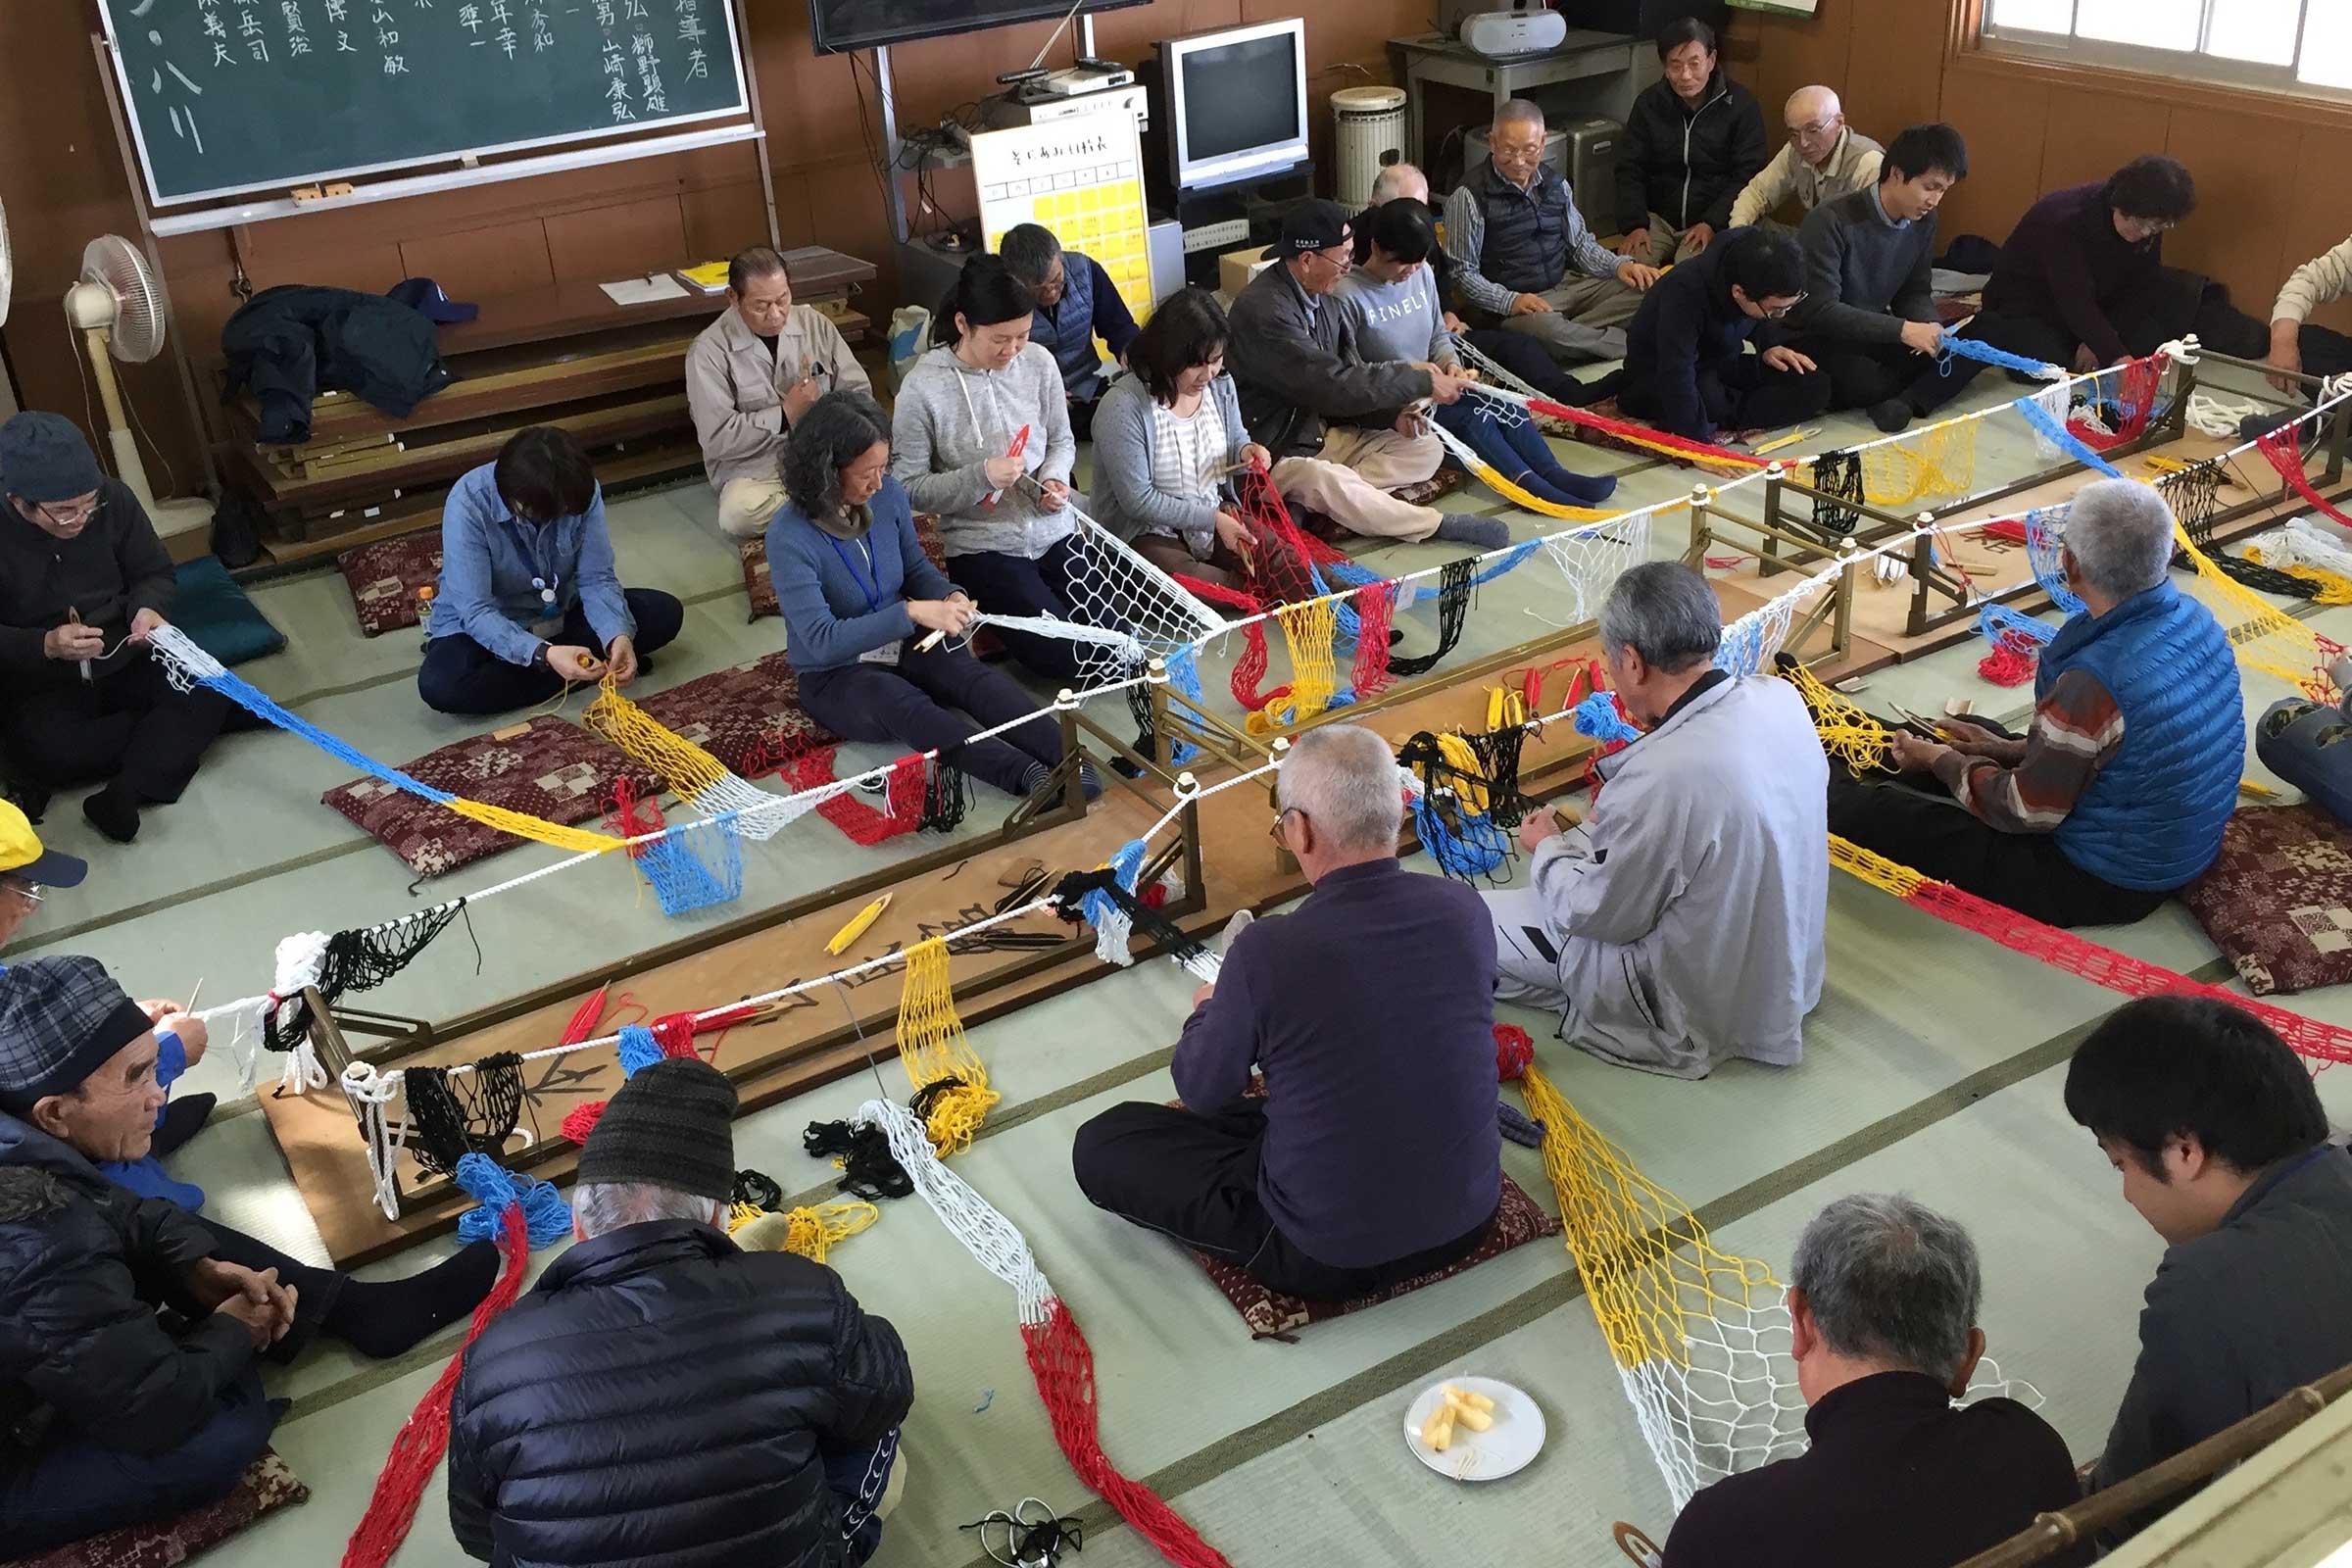 Knitting workshop on the island. Image by Yasuaki Igarashi